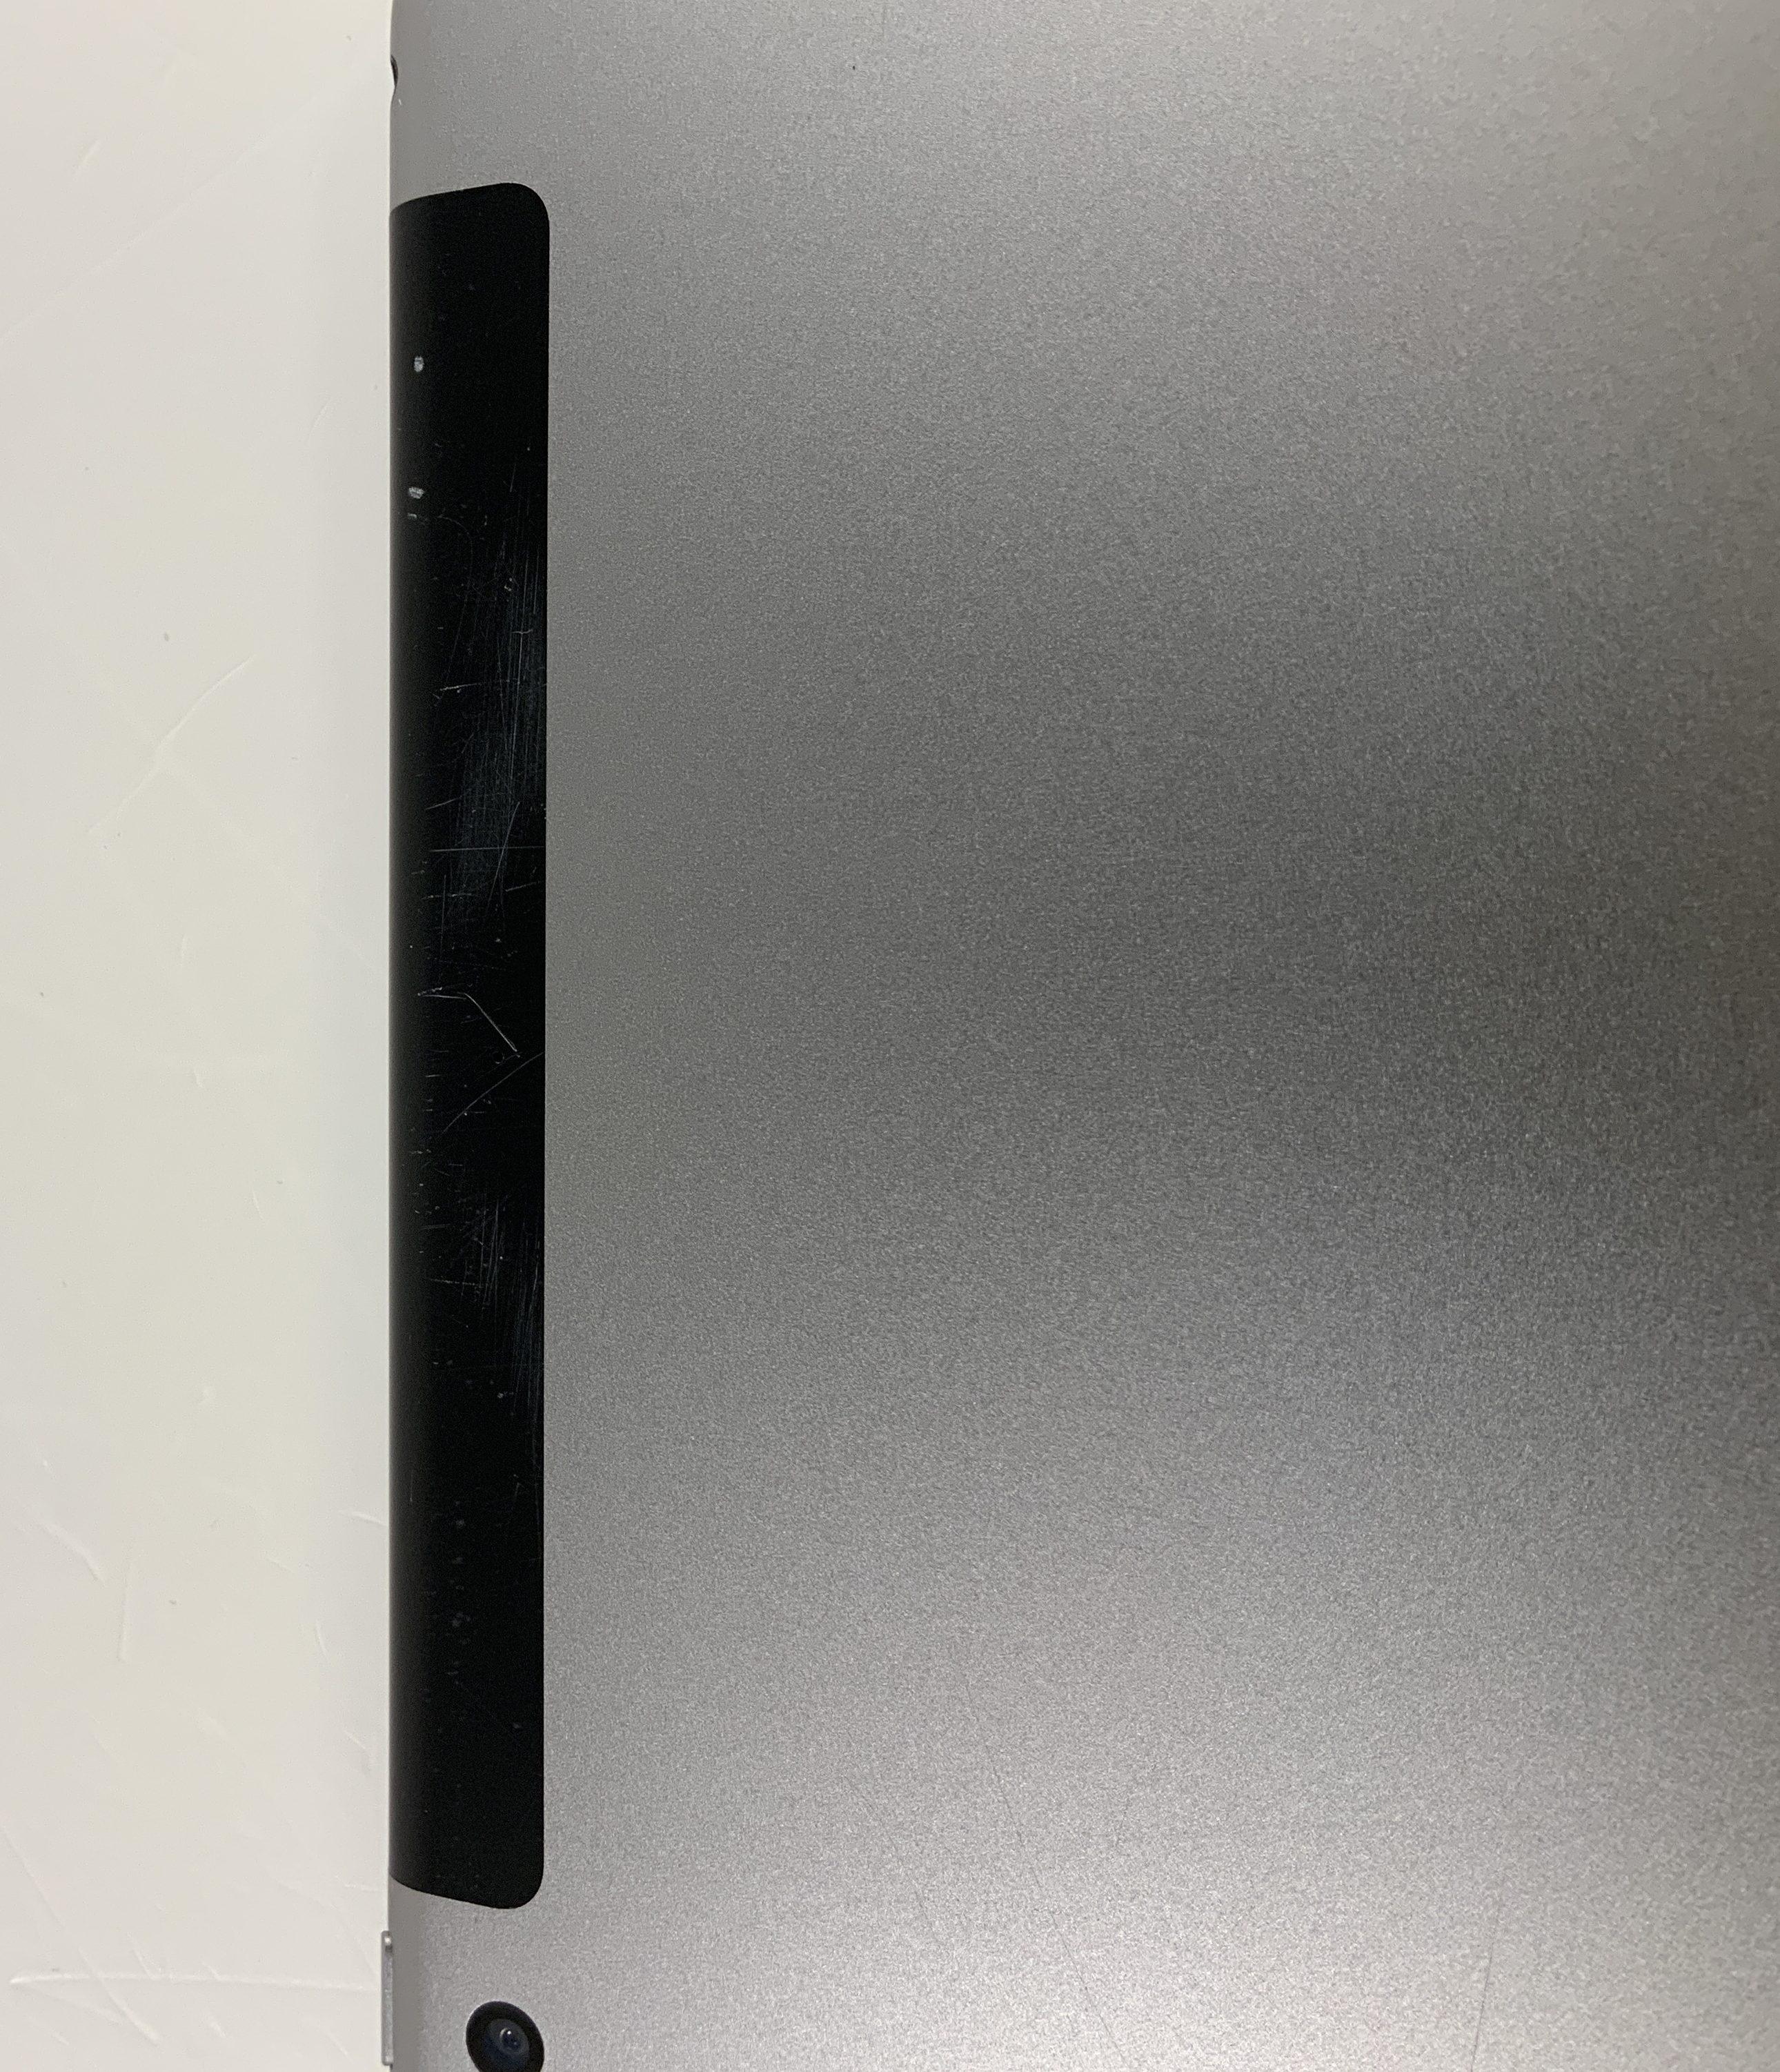 iPad 5 Wi-Fi + Cellular 128GB, 128GB, Space Gray, Afbeelding 5